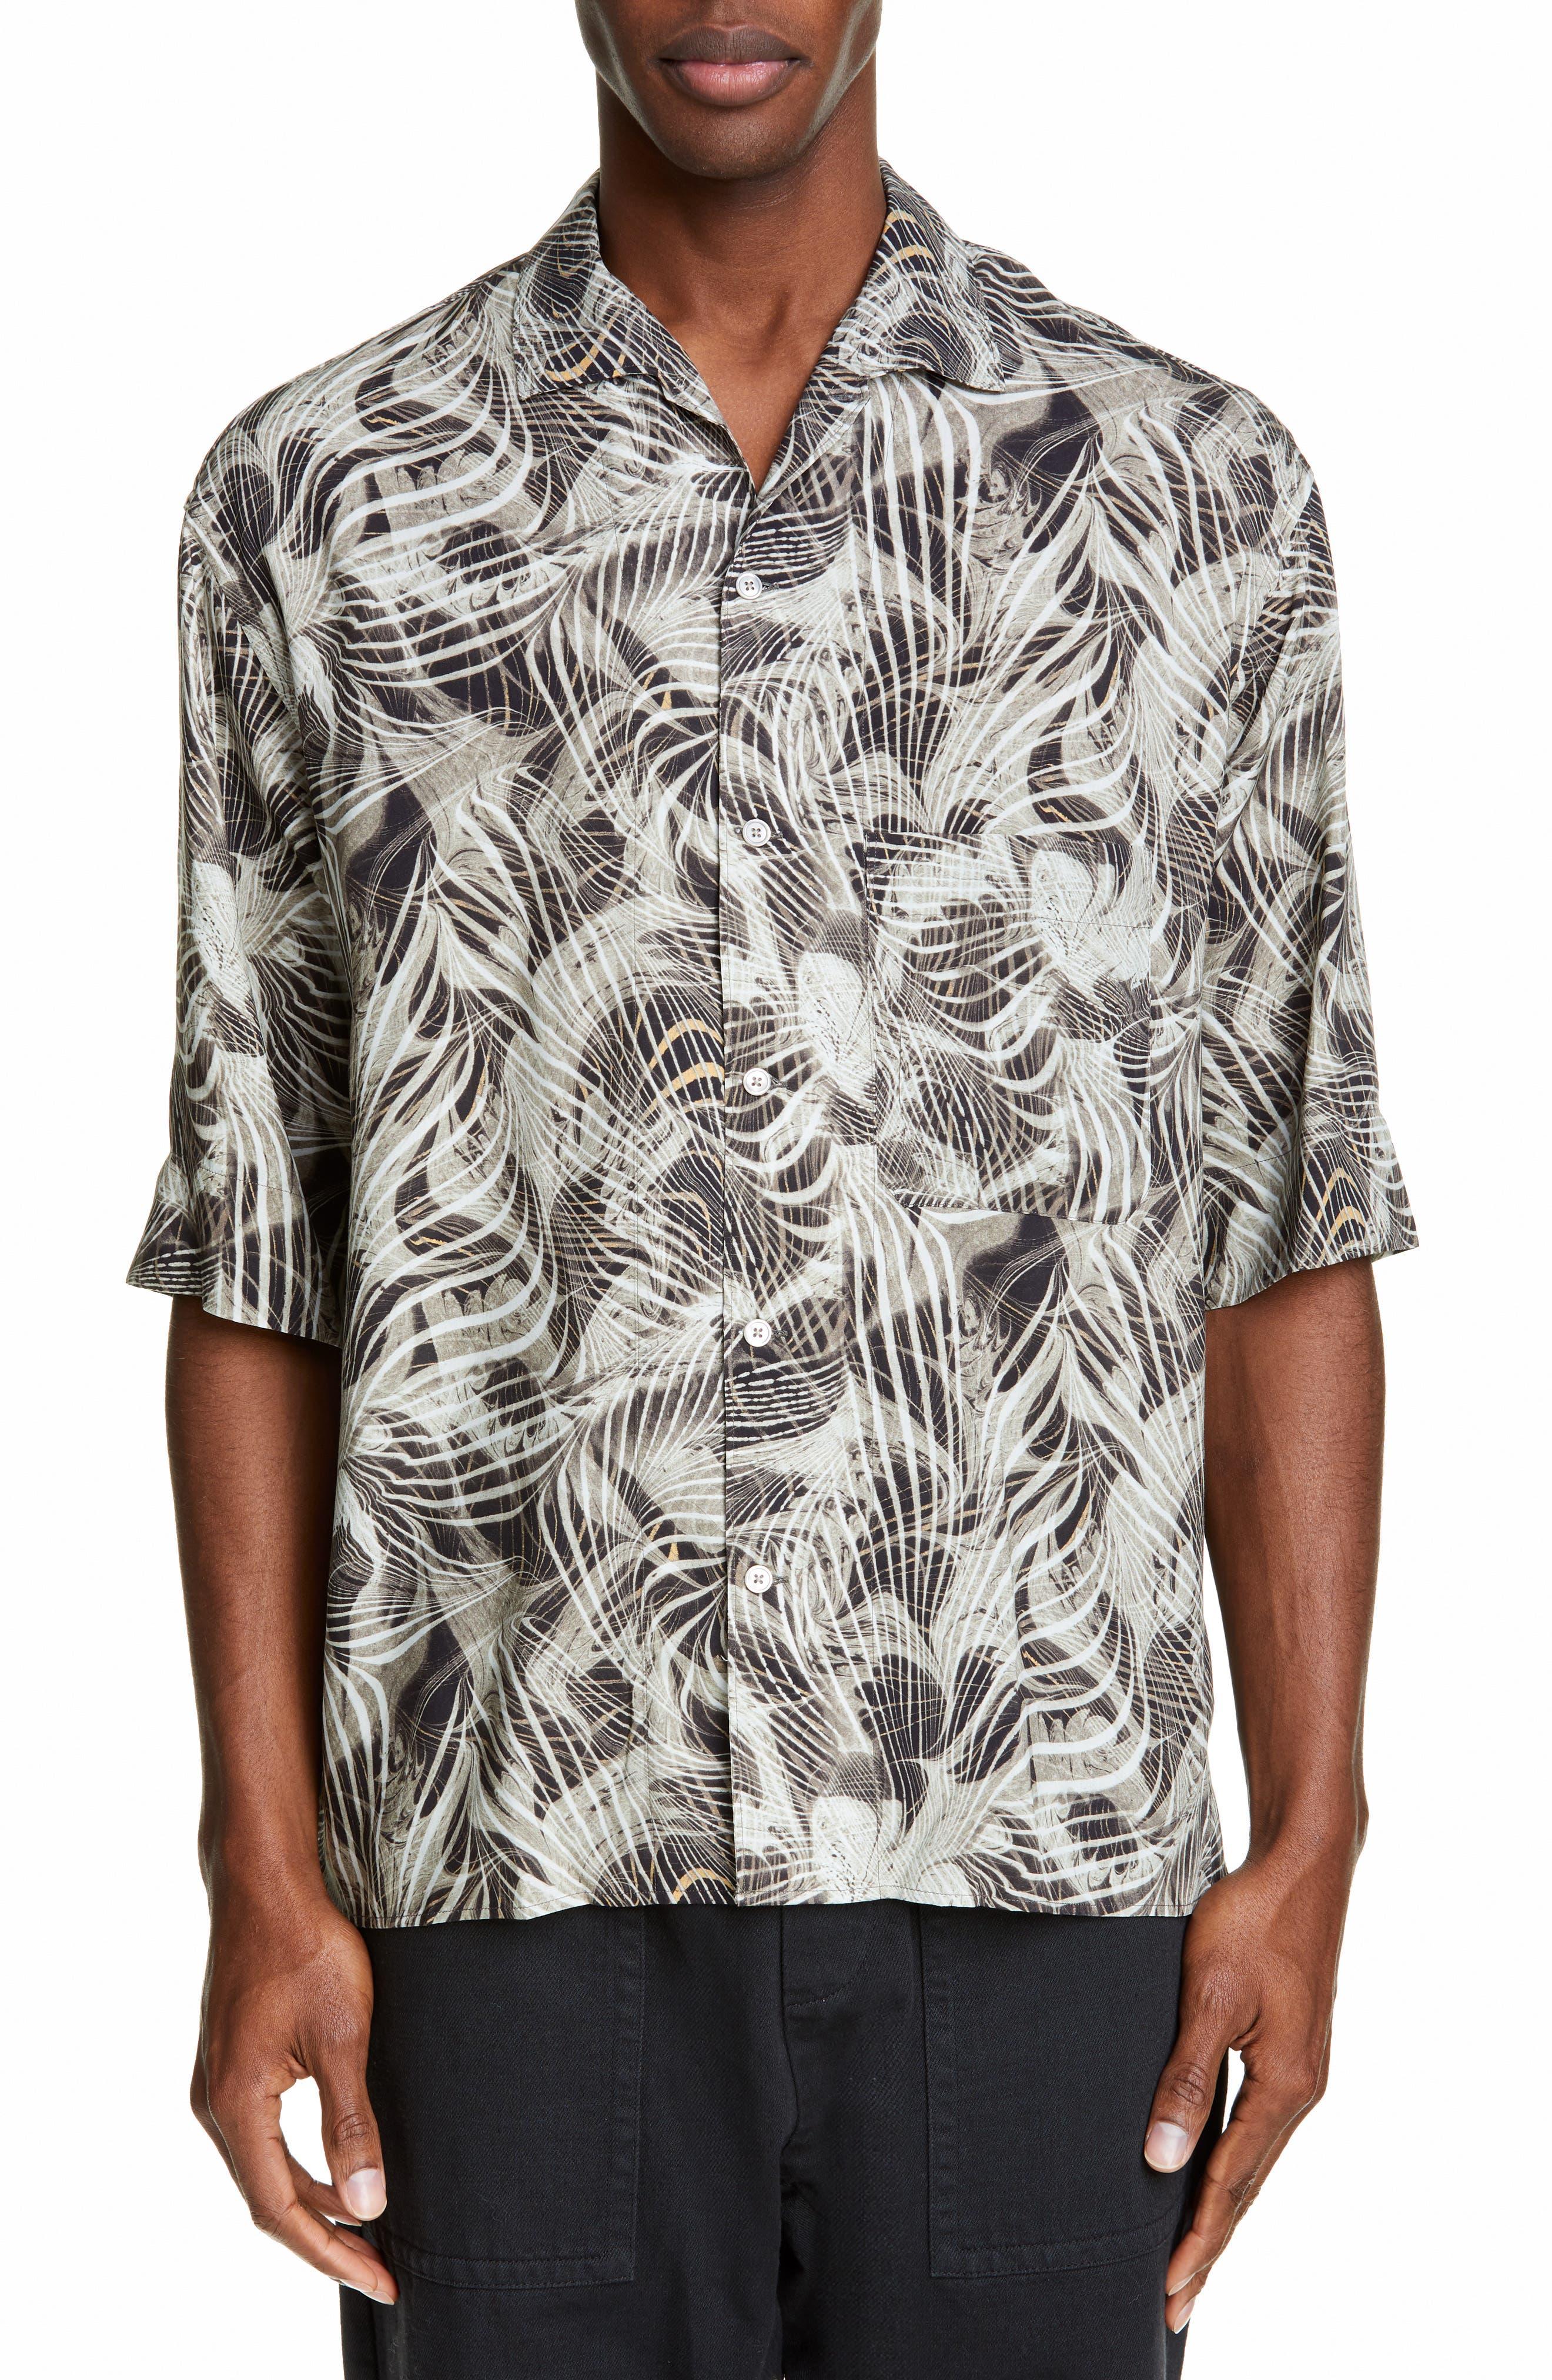 LEMAIRE, Tropical Print Sport Shirt, Main thumbnail 1, color, CHALK BLACK